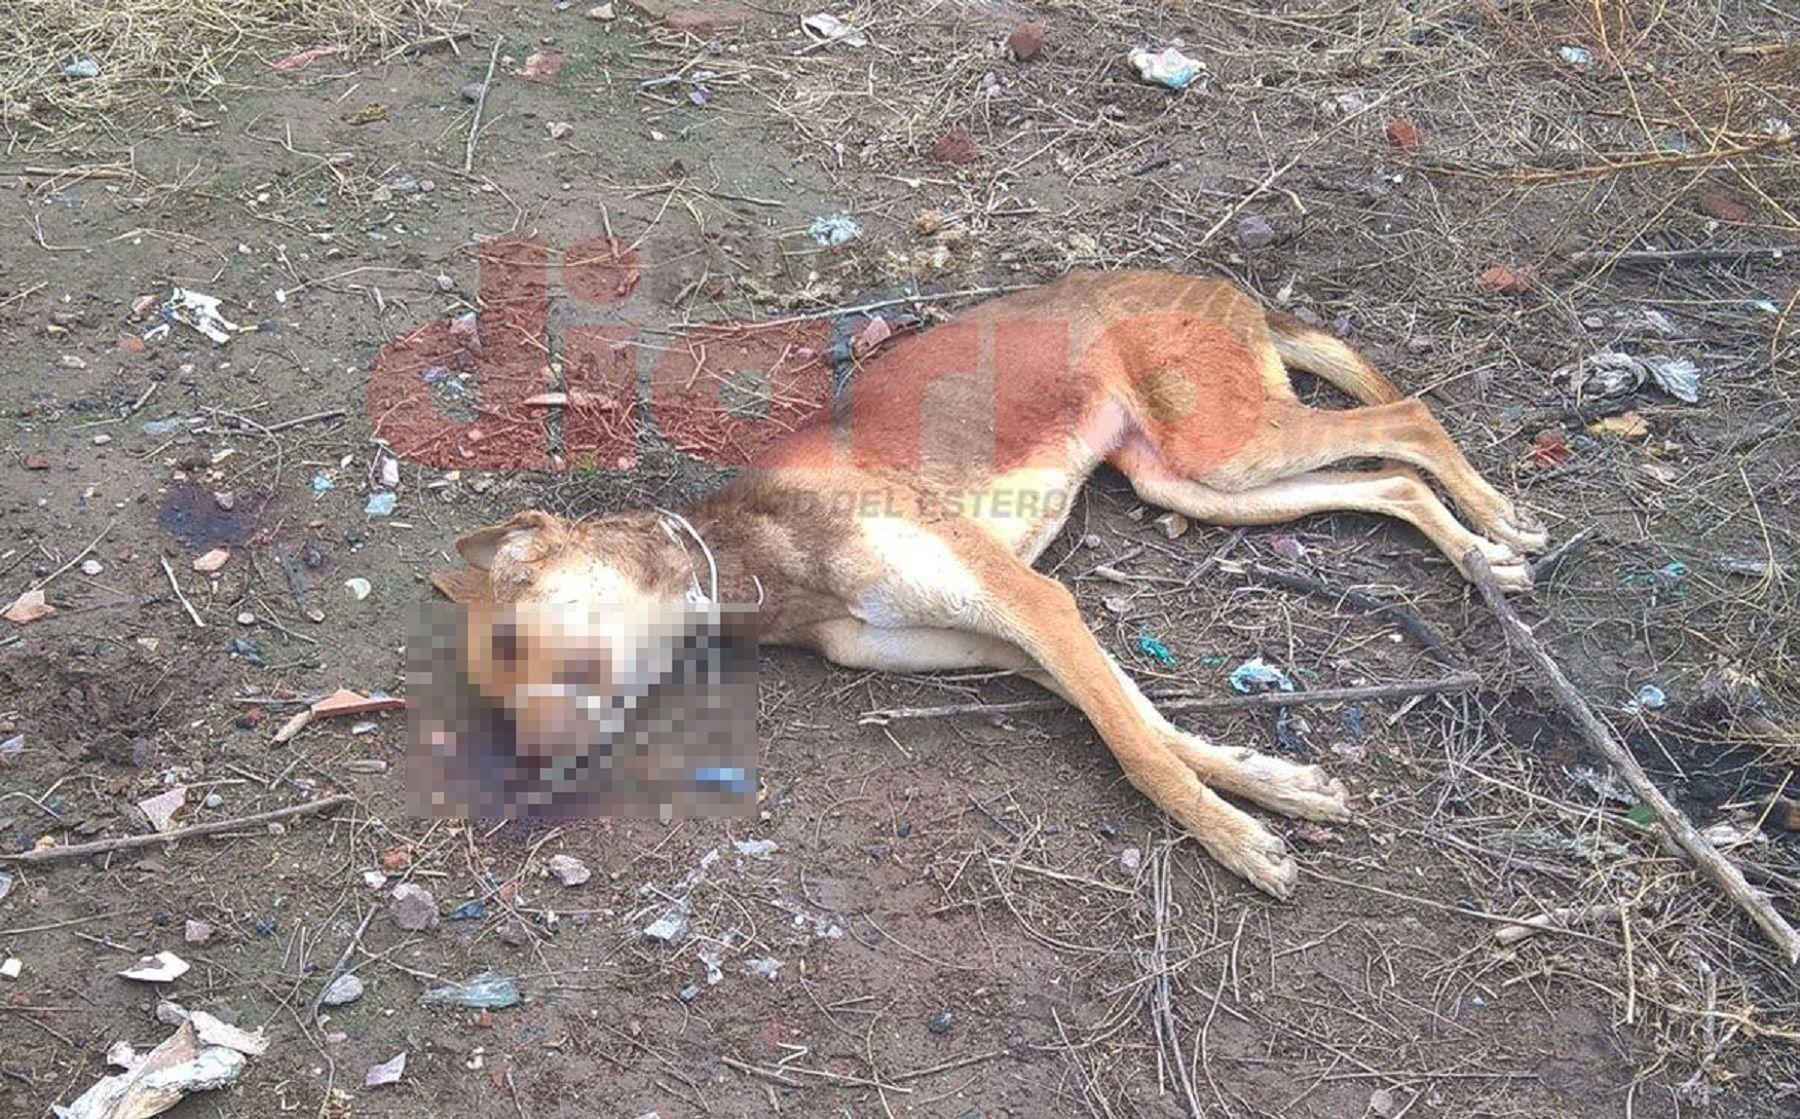 Ahorcaron a un perro y lo golpearon hasta matarlo